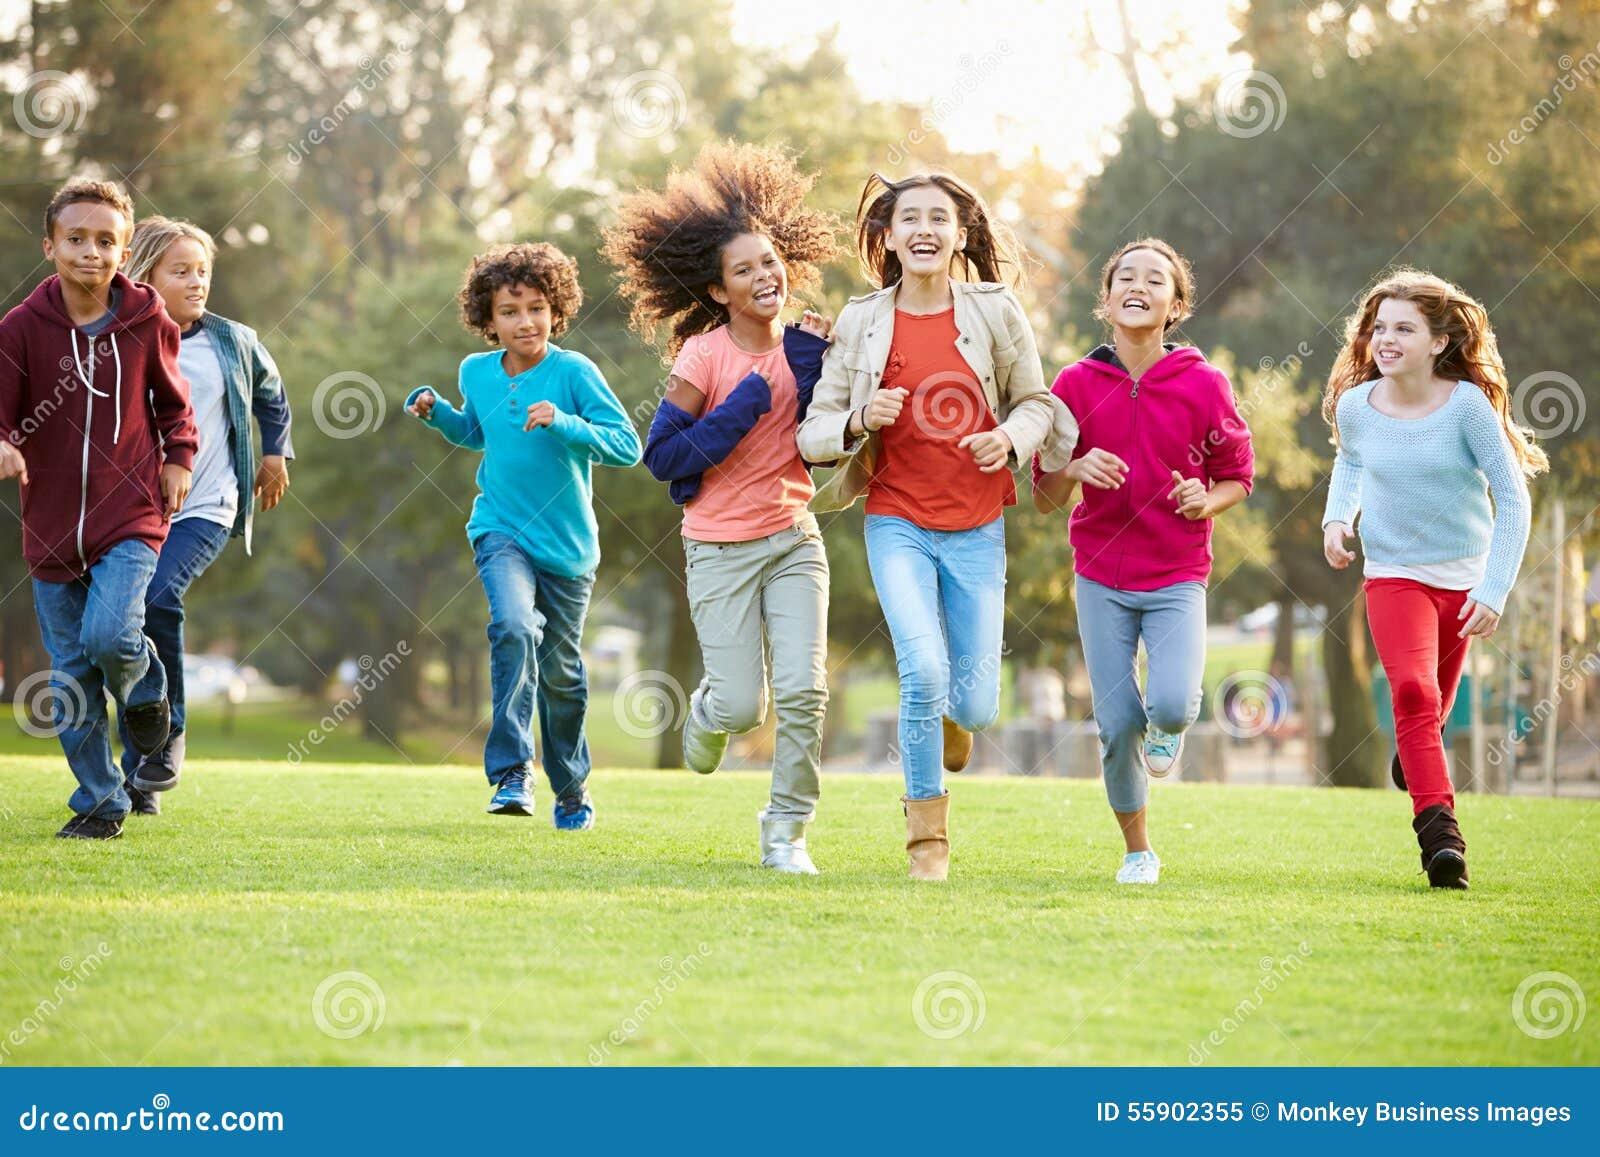 Gruppe Kleinkinder, die in Richtung zur Kamera im Park laufen